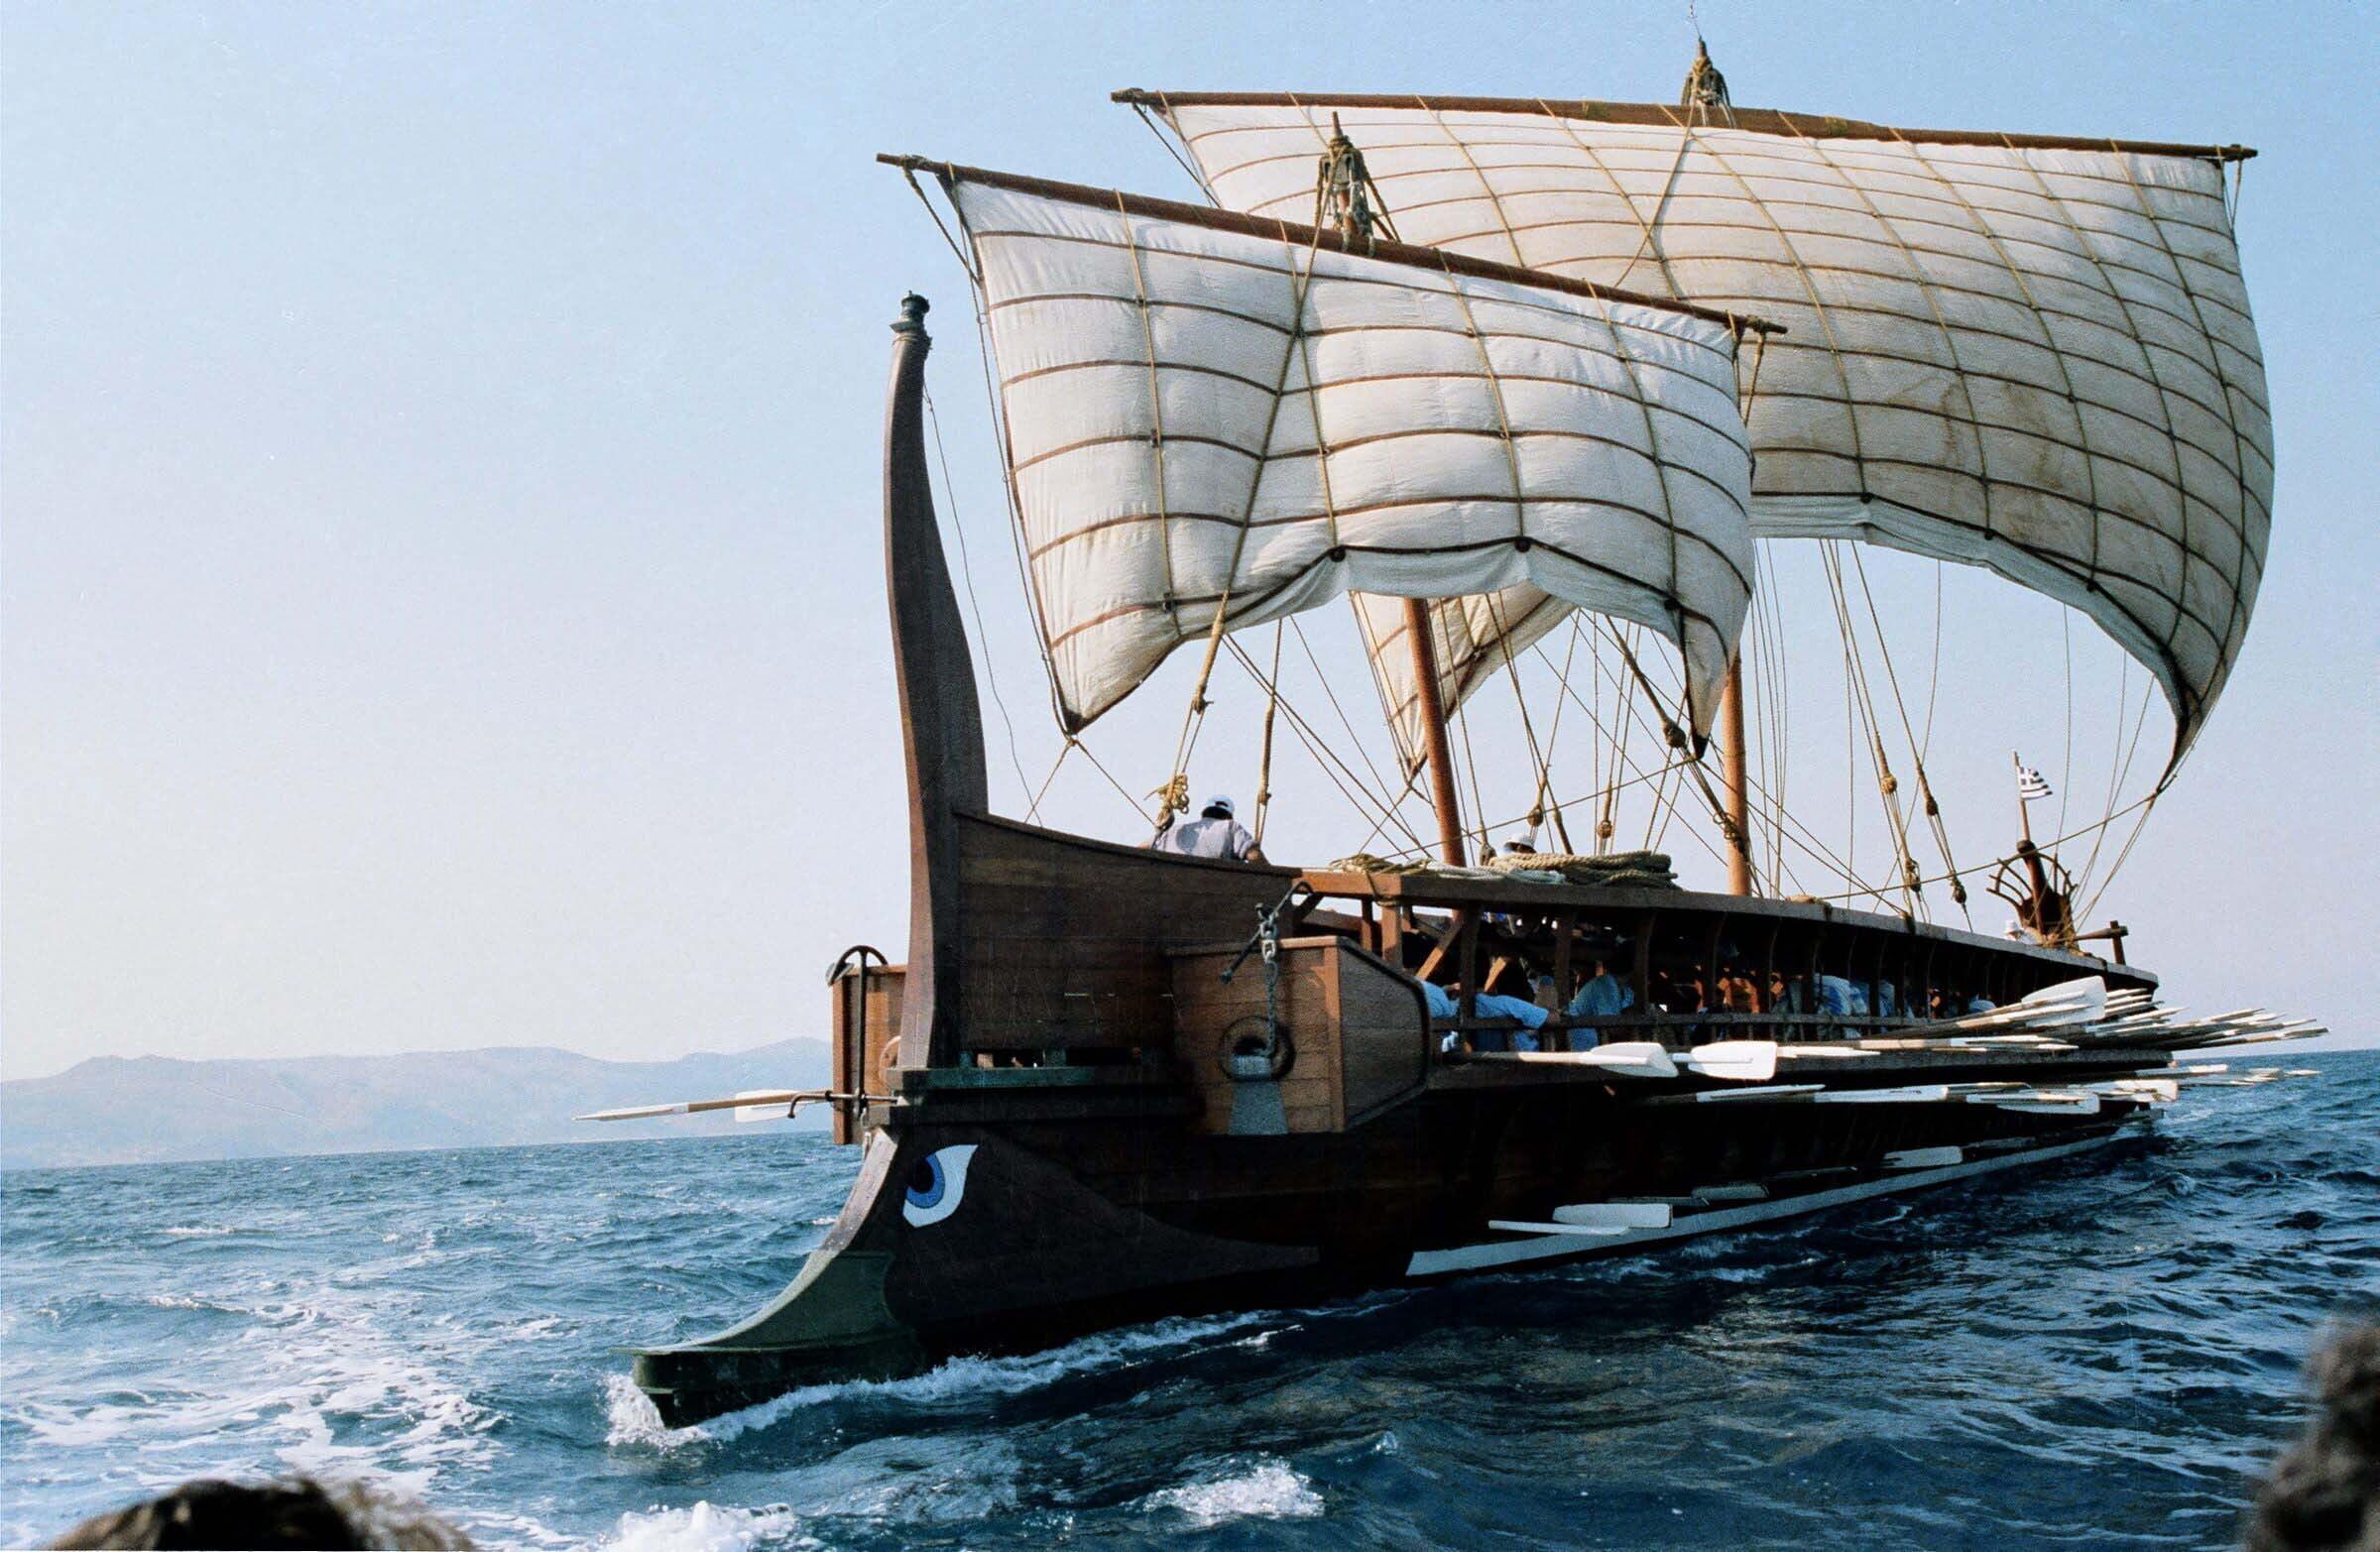 Единственная реплика греческой триремы в мире Корабли